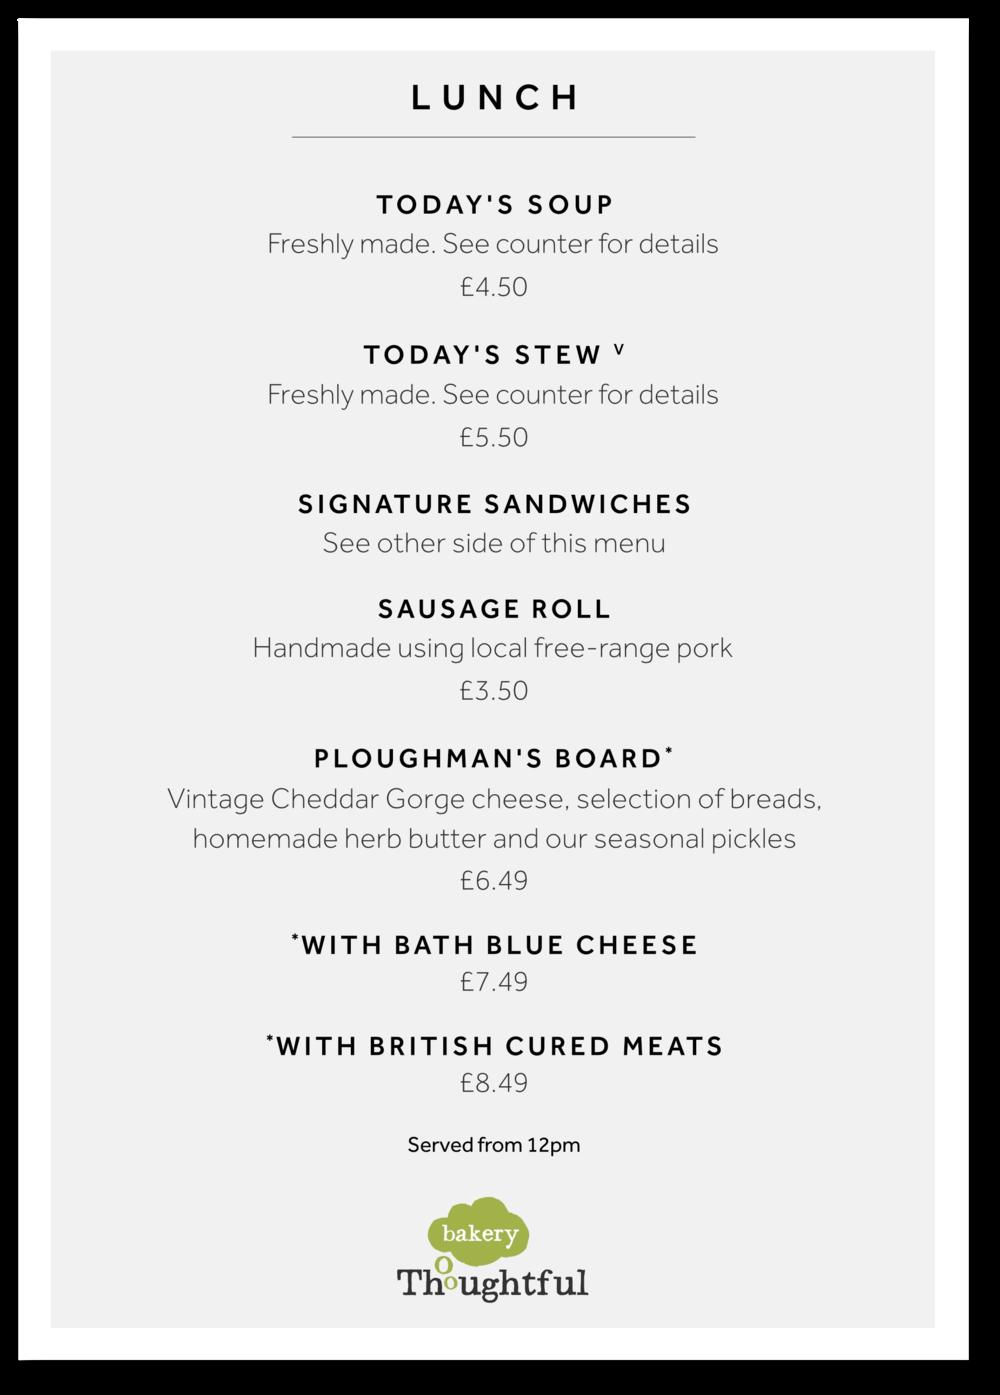 TB lunch menu w shad.png